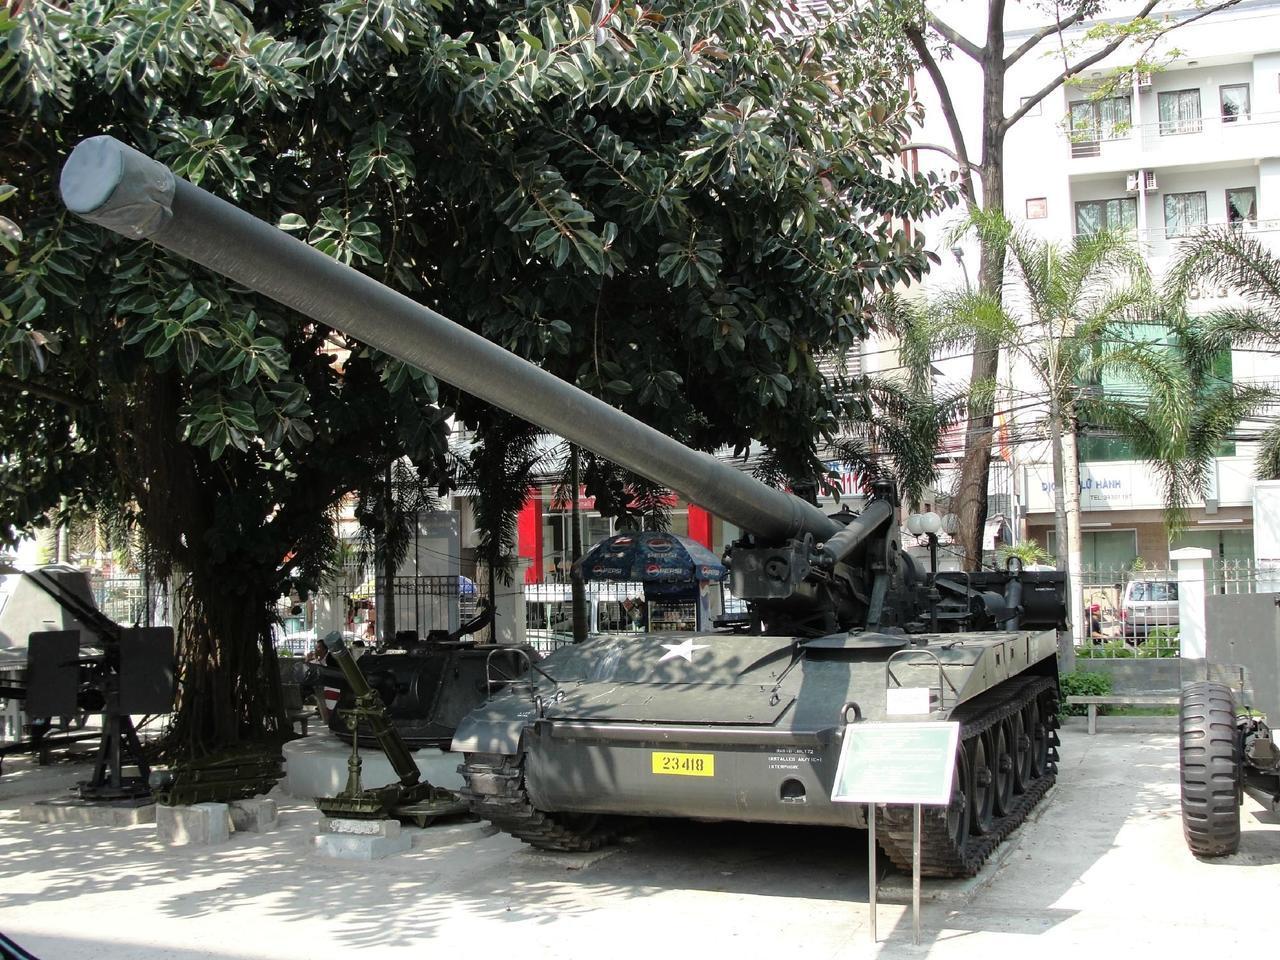 獲得亞洲最佳博物館第1名殊榮的越南戰爭遺跡博物館。圖/TripAdvisor提供